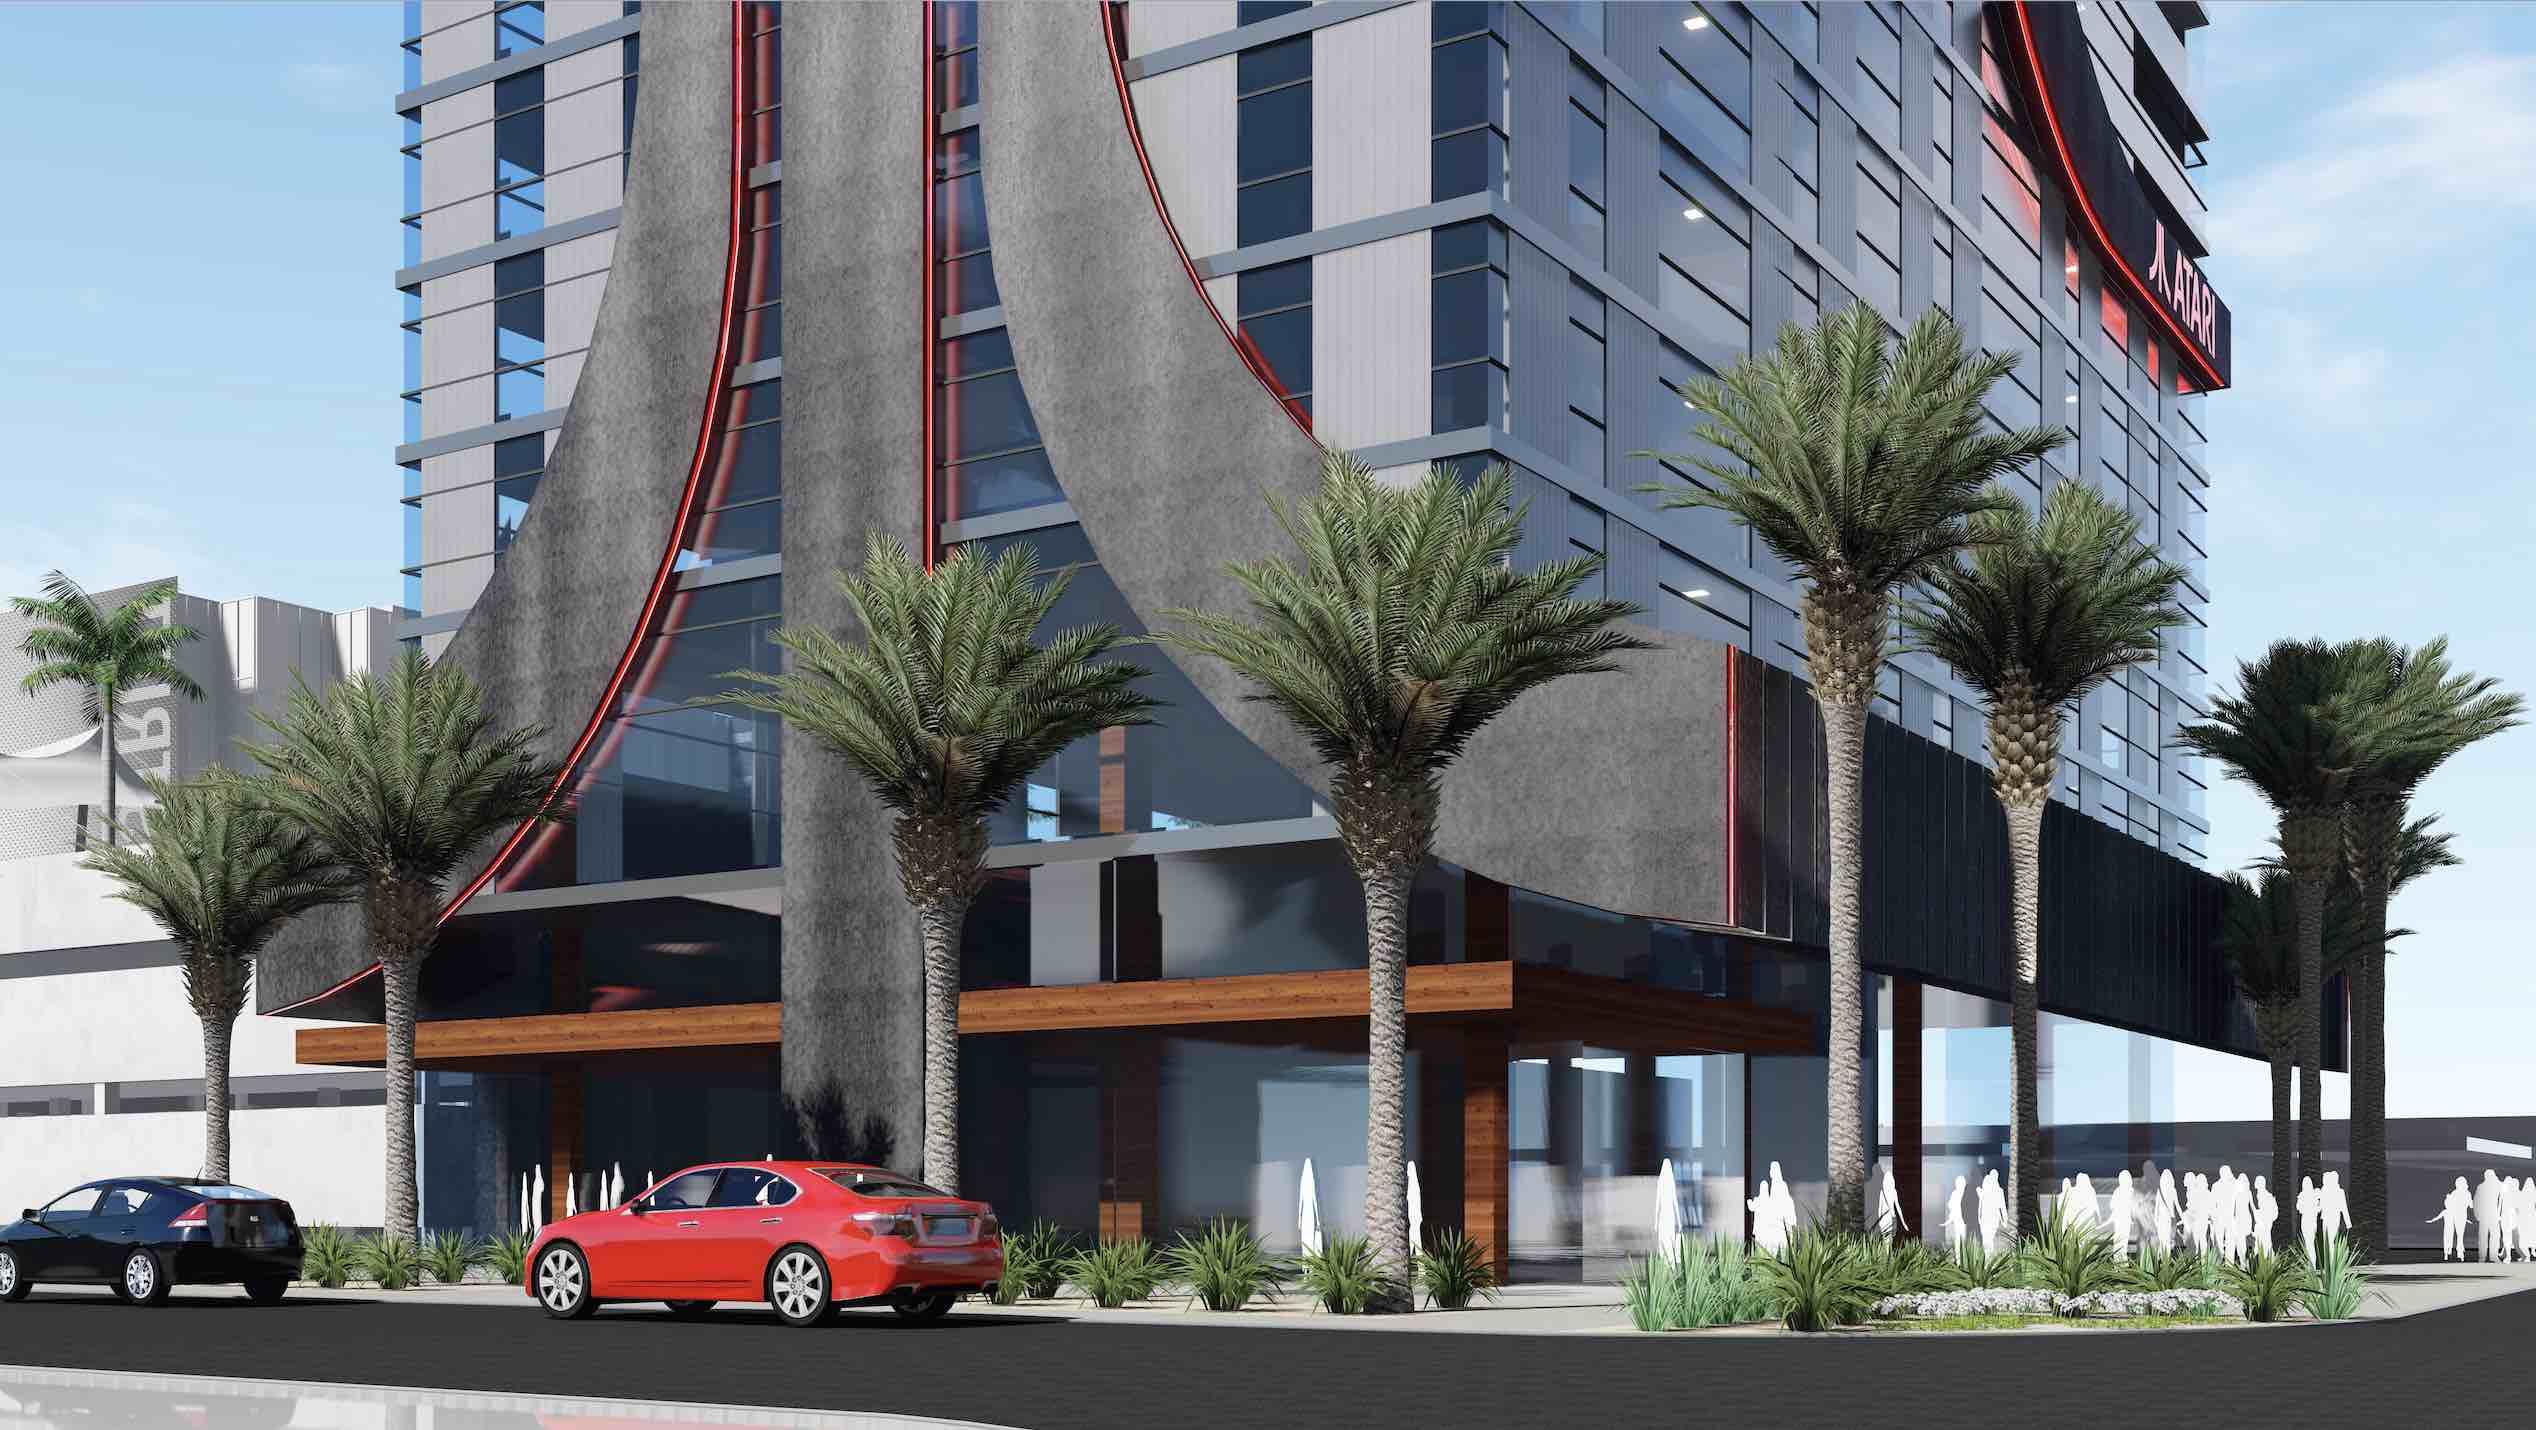 Image result for atari hoteles juegos